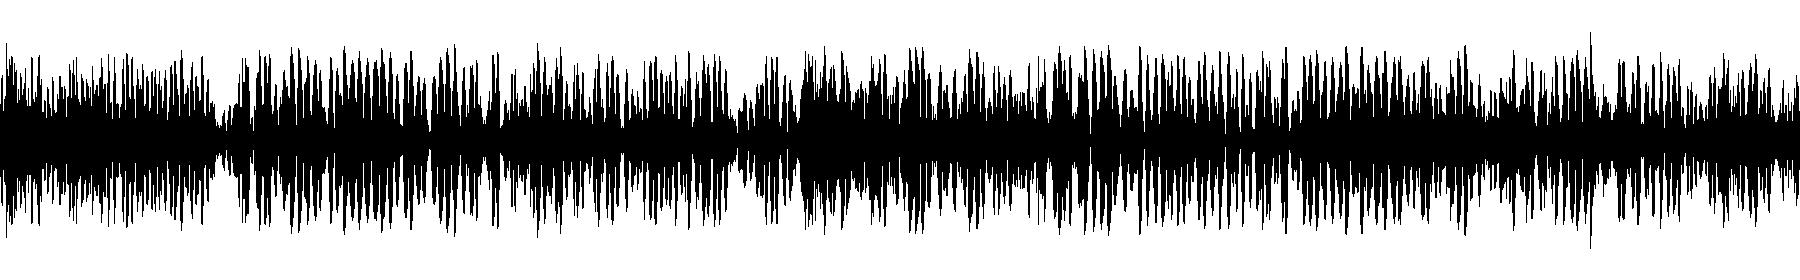 blbc cinedrums a fx 110 03